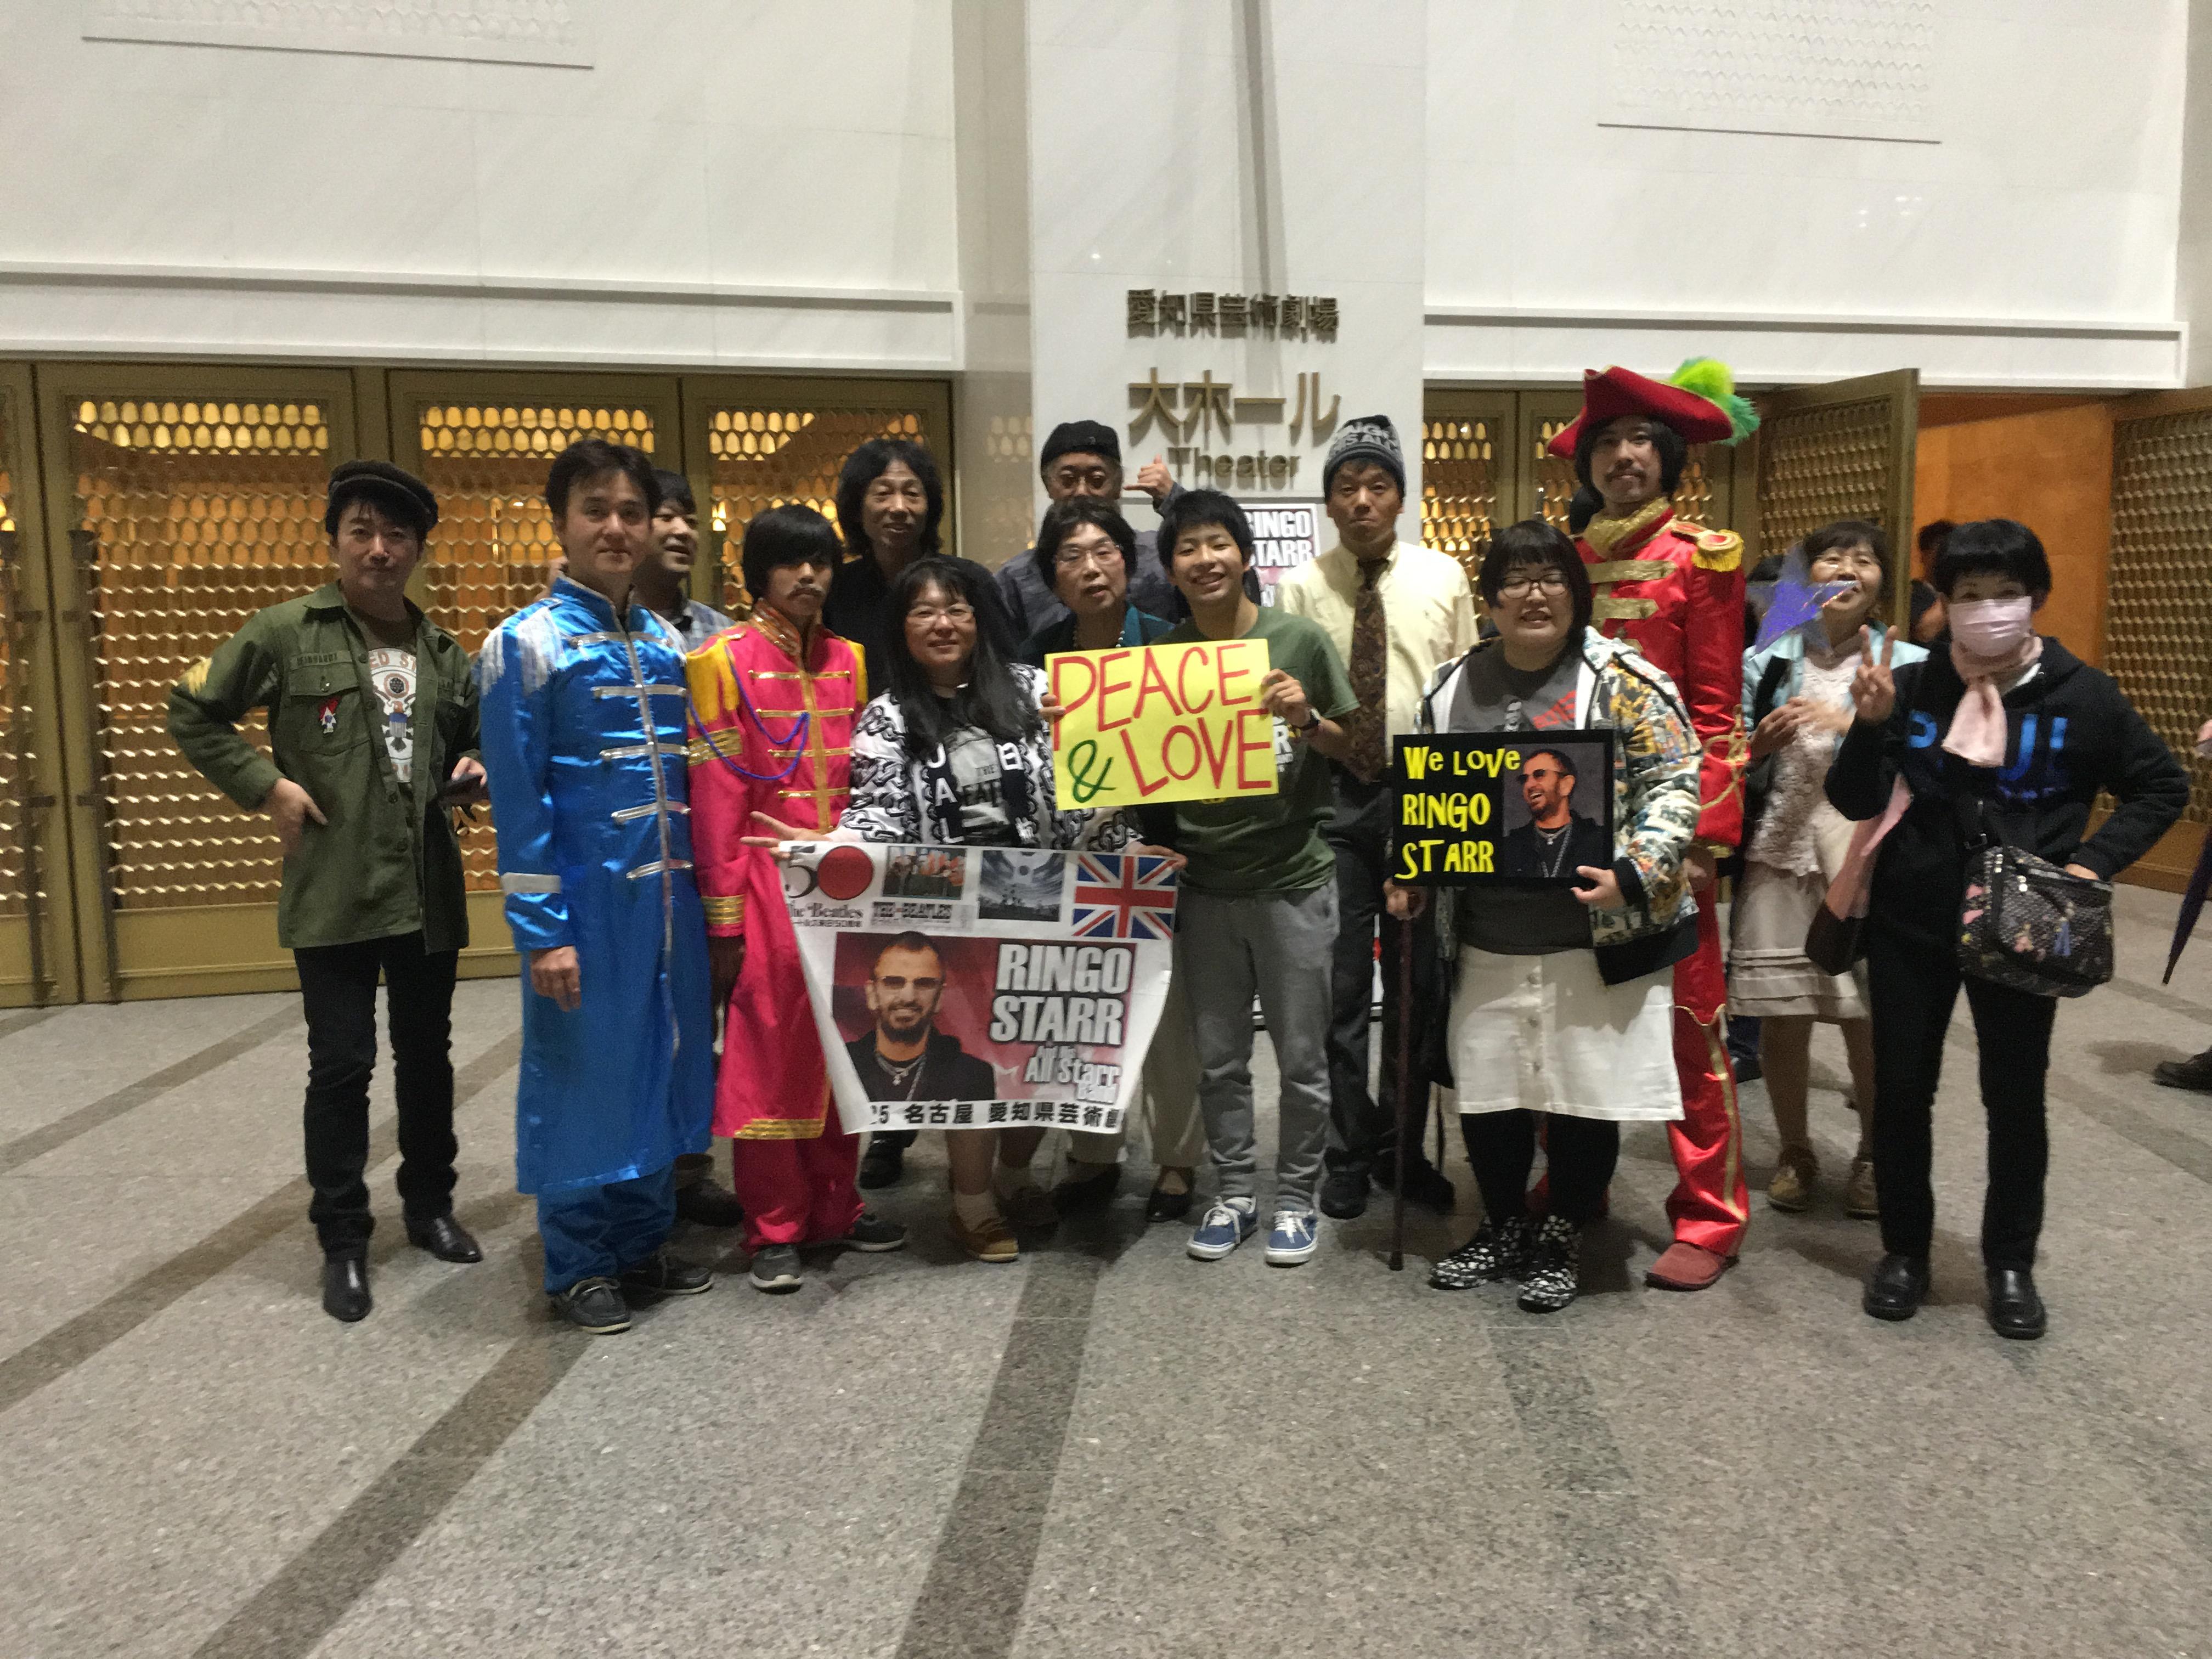 2016 10/25 リンゴ スター 来日ツアー集合写真 企画